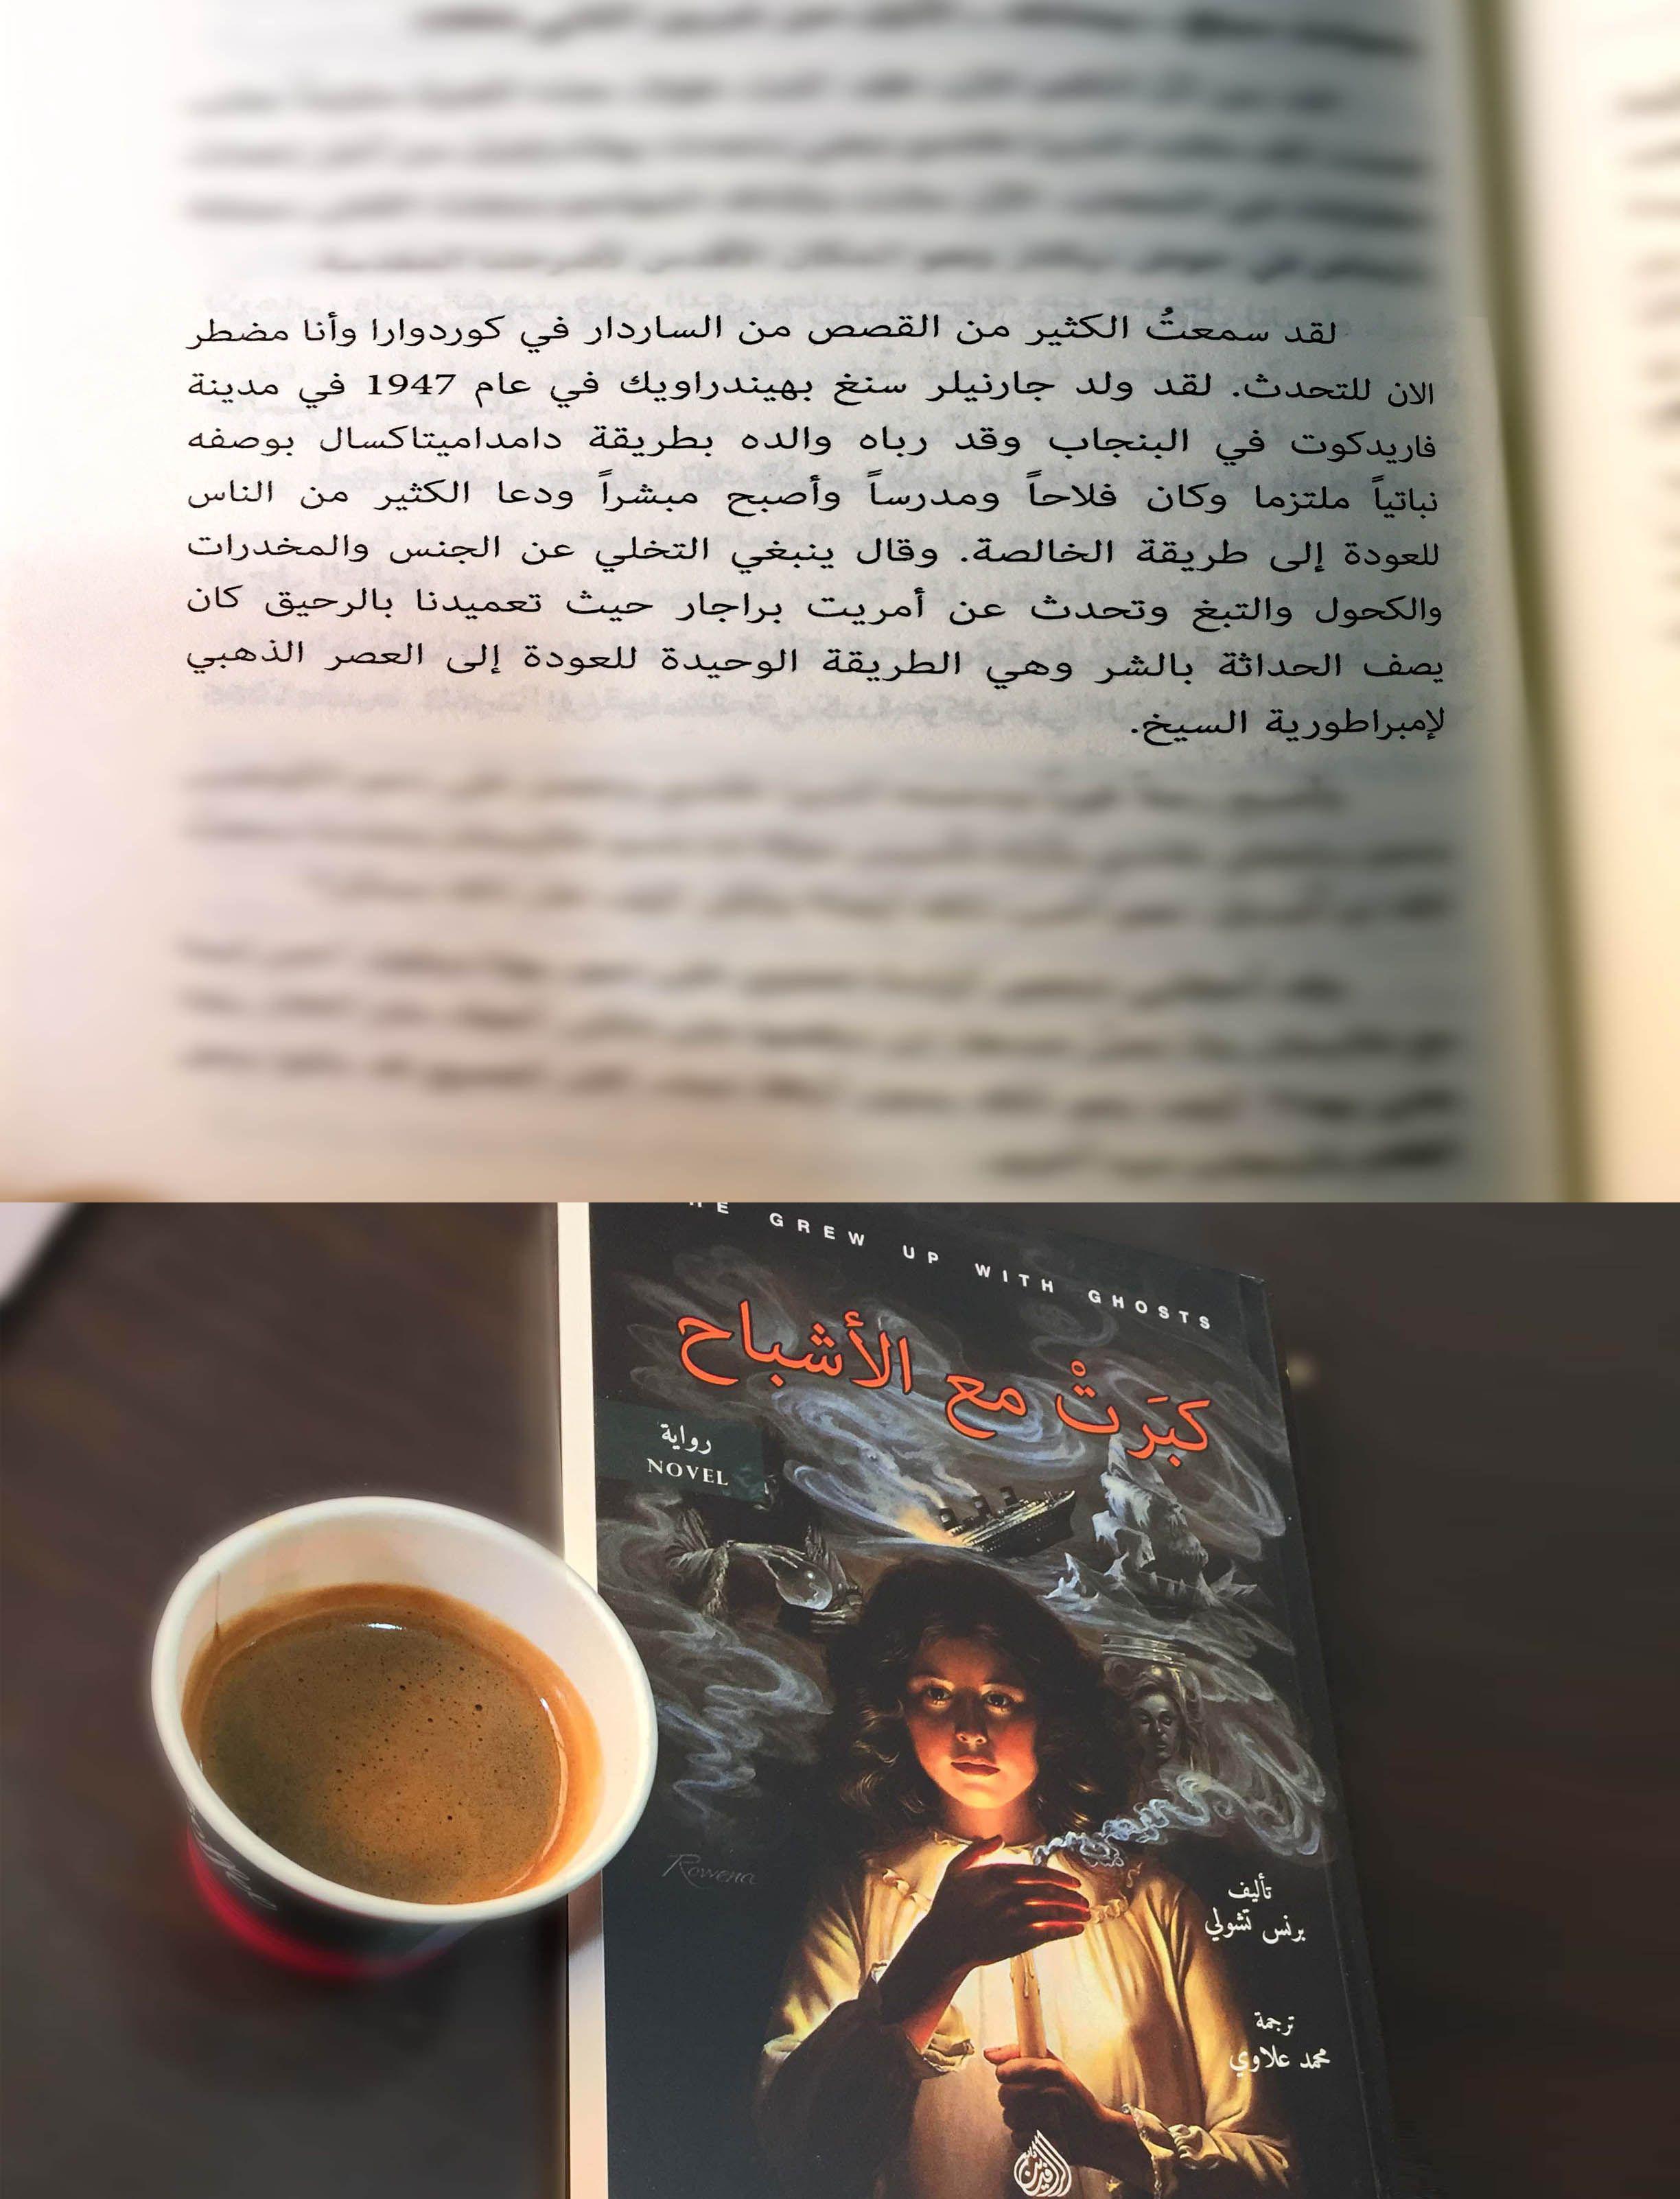 رائعة الرواية الماليزية اول عمل روائي ماليزي يترجم للعربية رواية كبرت مع الاشباح للمؤلف برنس تشولي إقتباسات Book Cover Books Cover